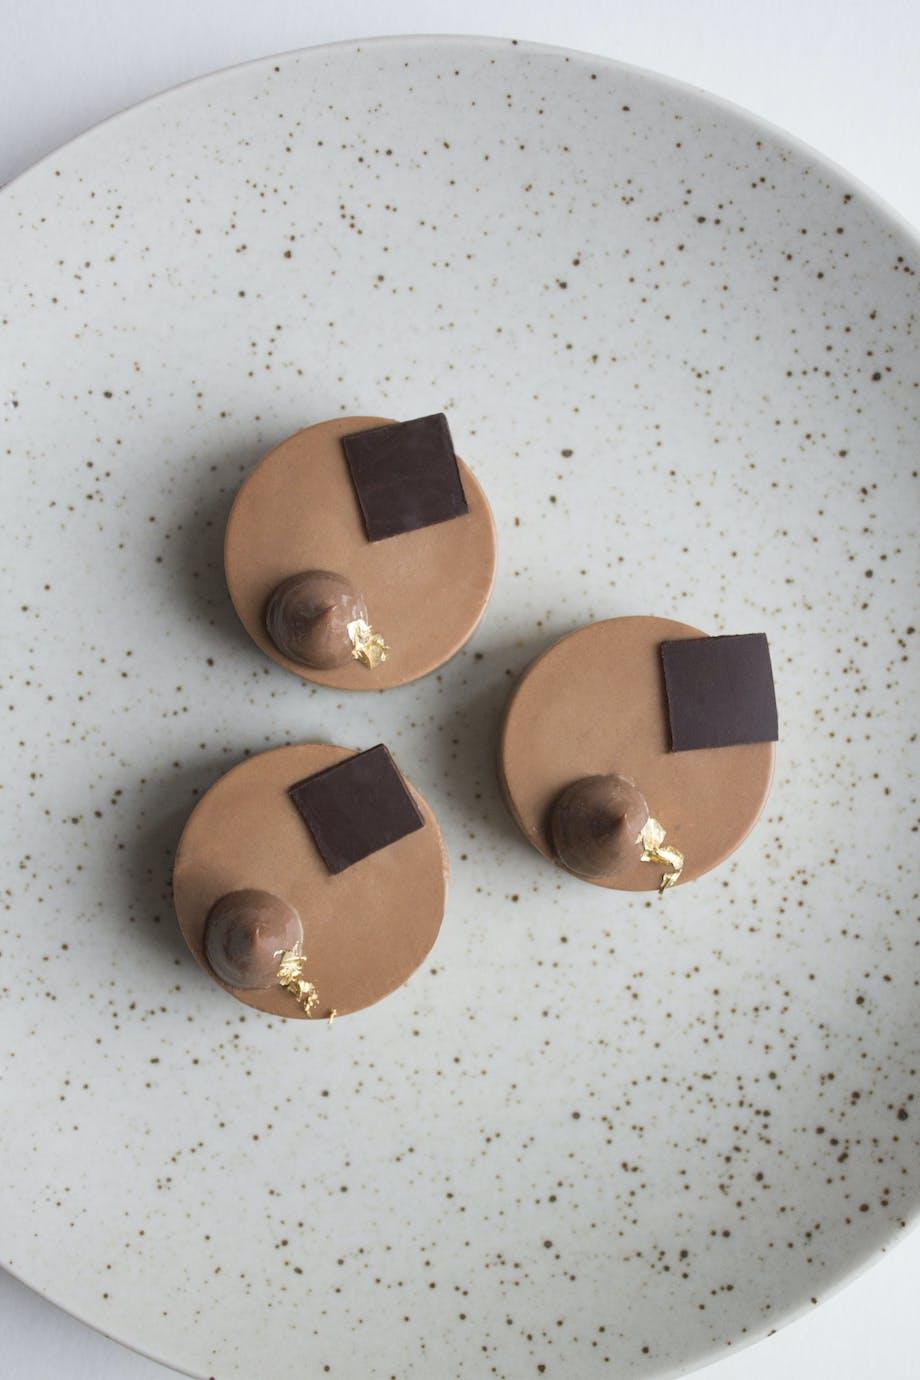 chokoladekage peanuts karamel ganache